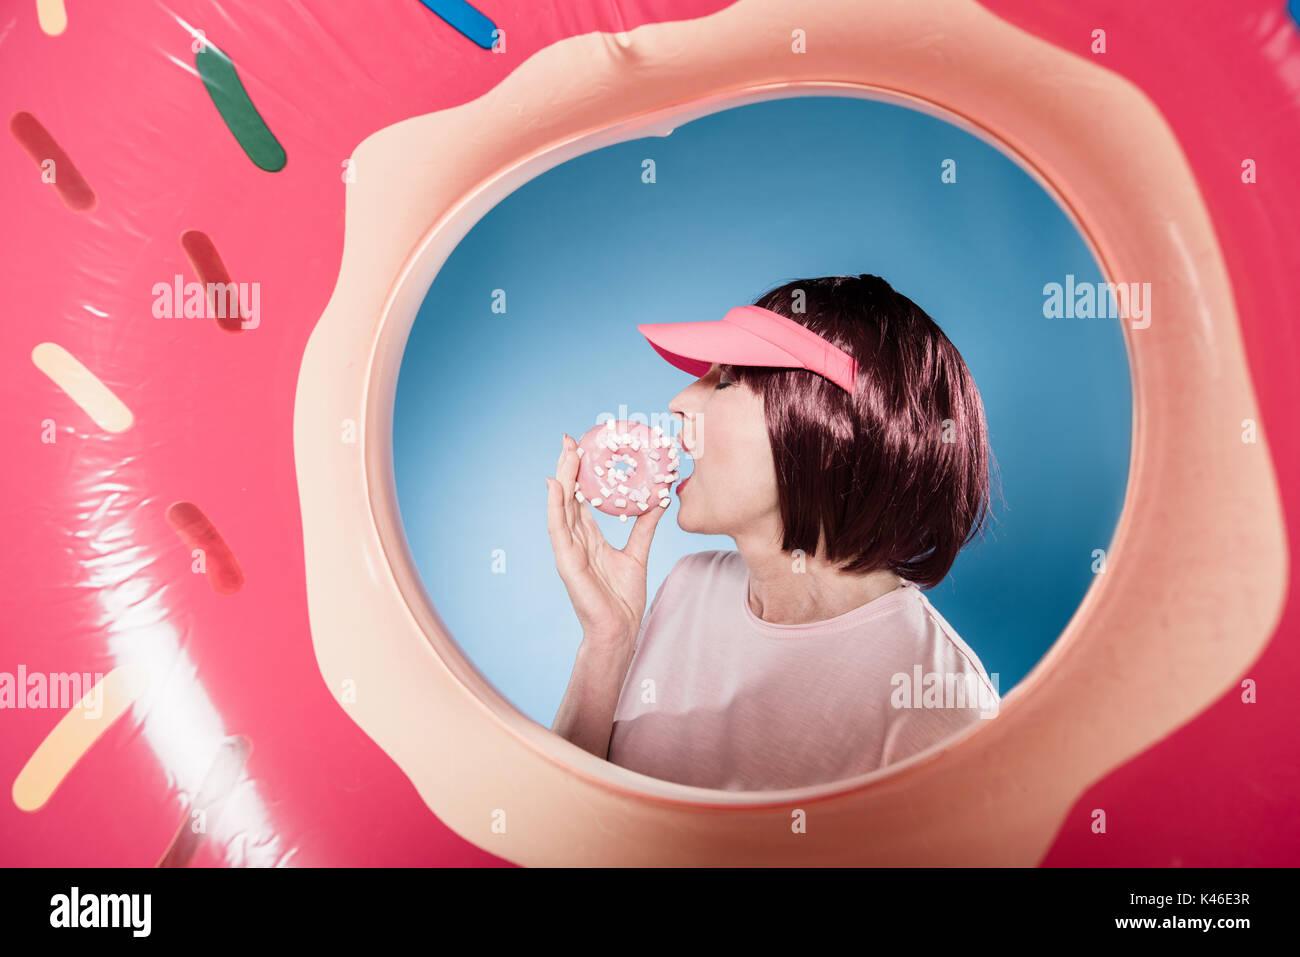 Donna elegante mangiare ciambella dolce nel tubo di nuoto Immagini Stock